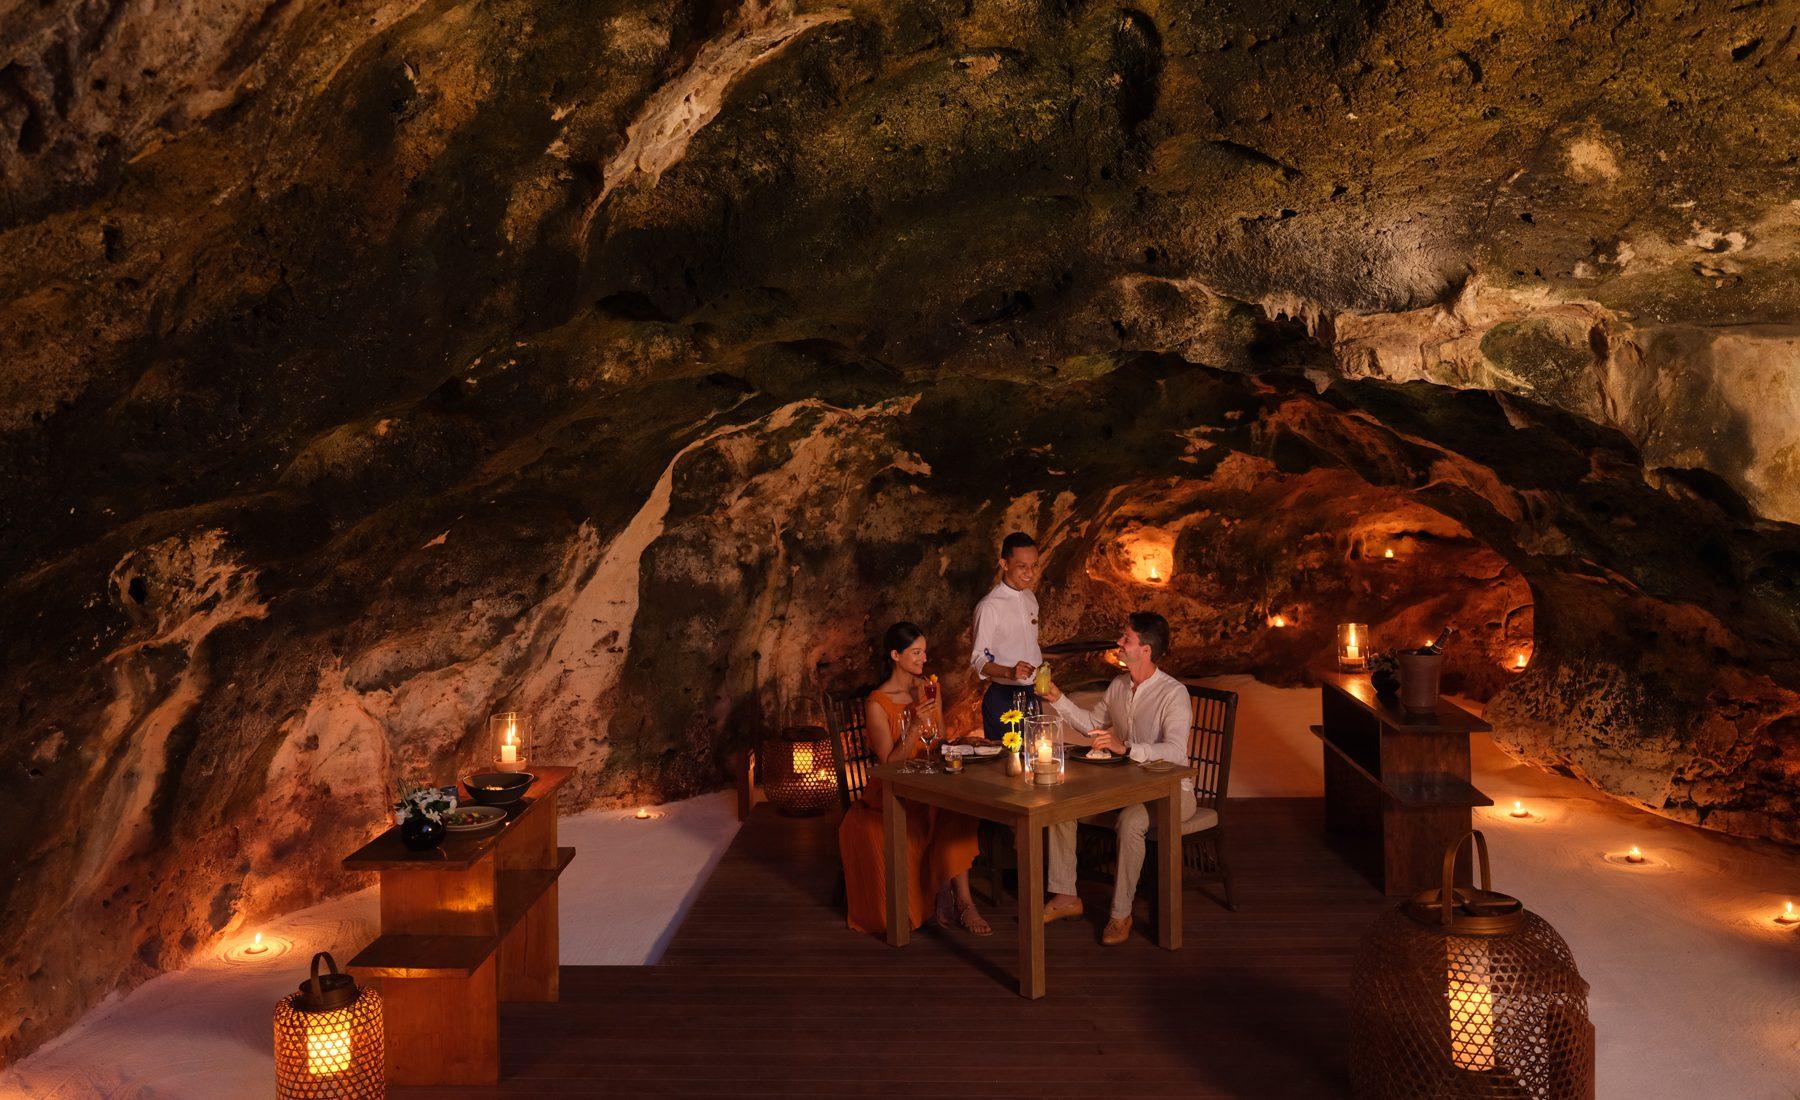 Raffles Bali - The Secret Cave